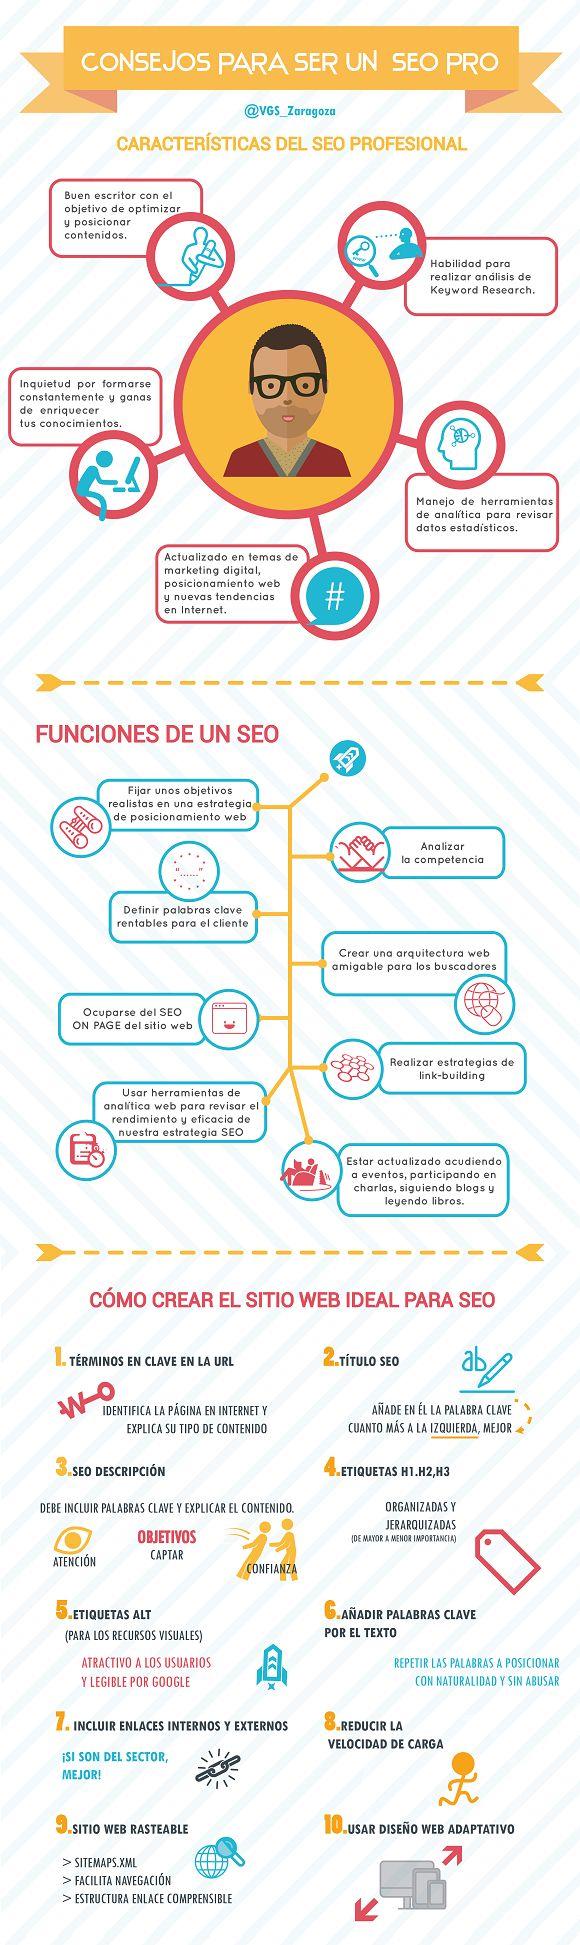 Consejos para convertirte en un SEO profesional #infografia #infographic #seo